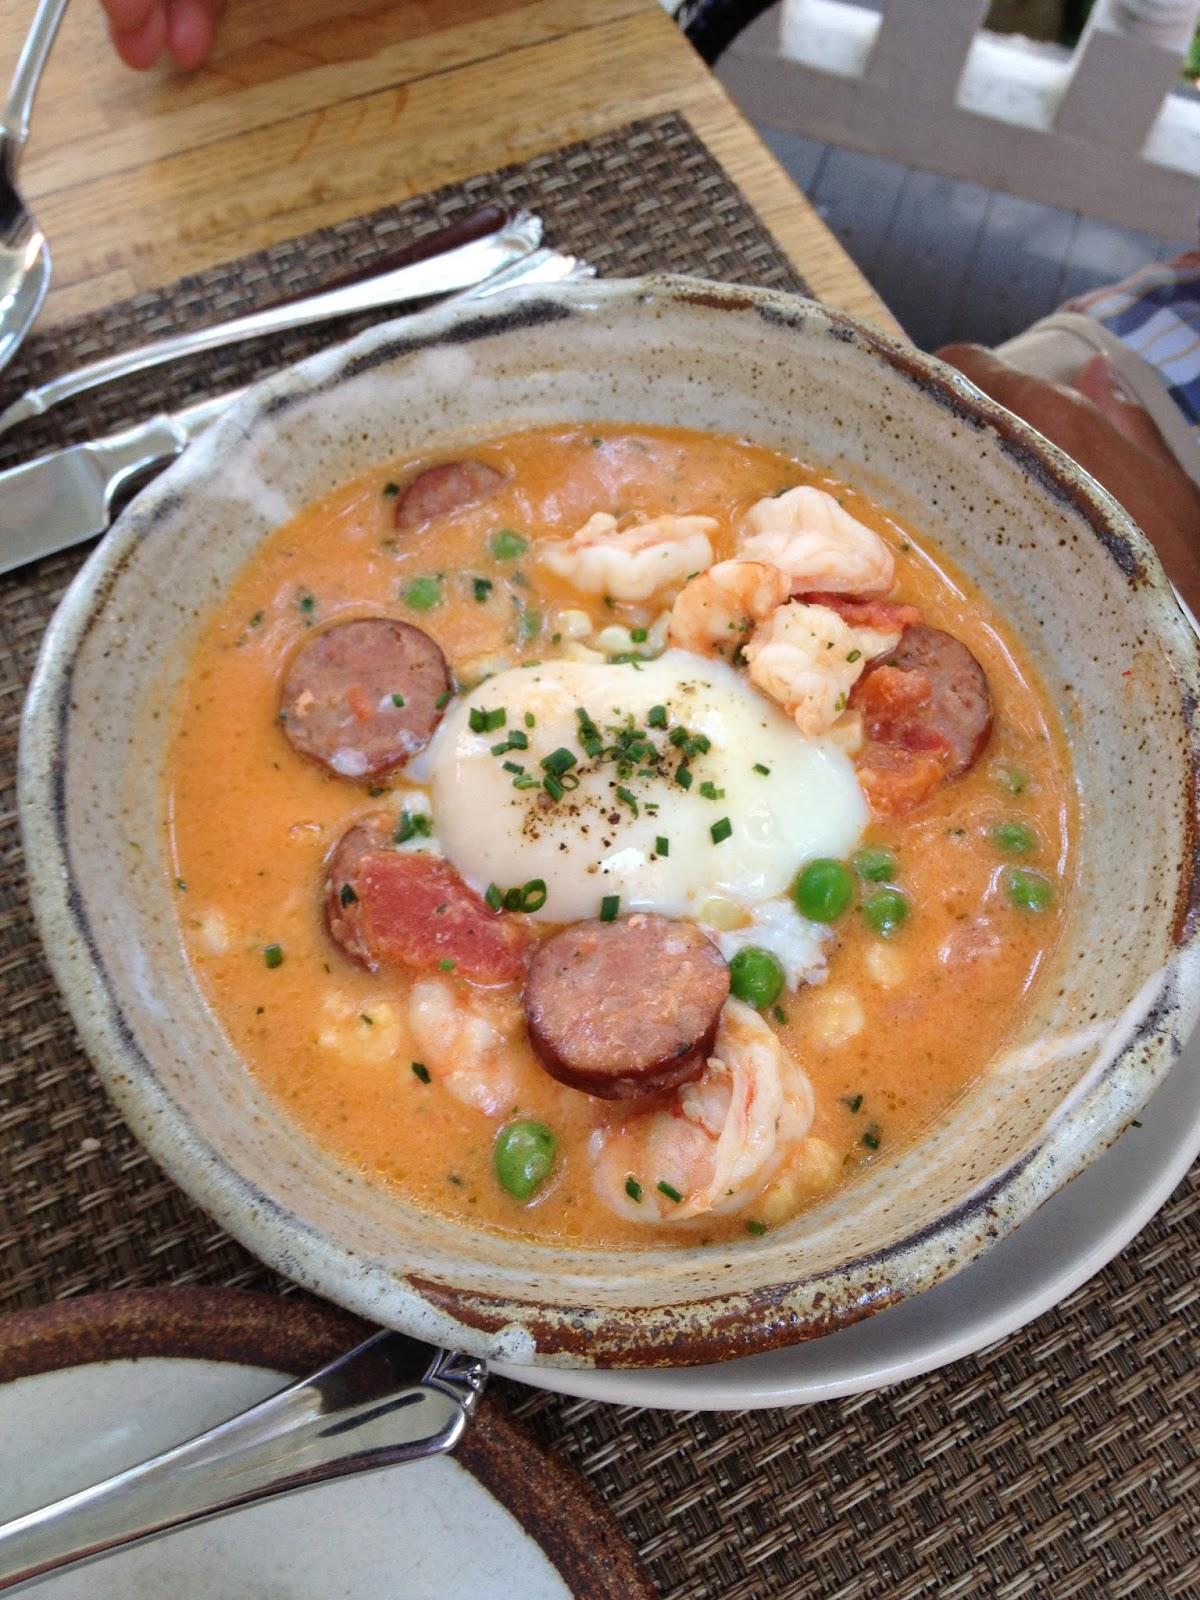 ... garlic shrimp and grits and grits jpg shrimp and grits 10 best shrimp